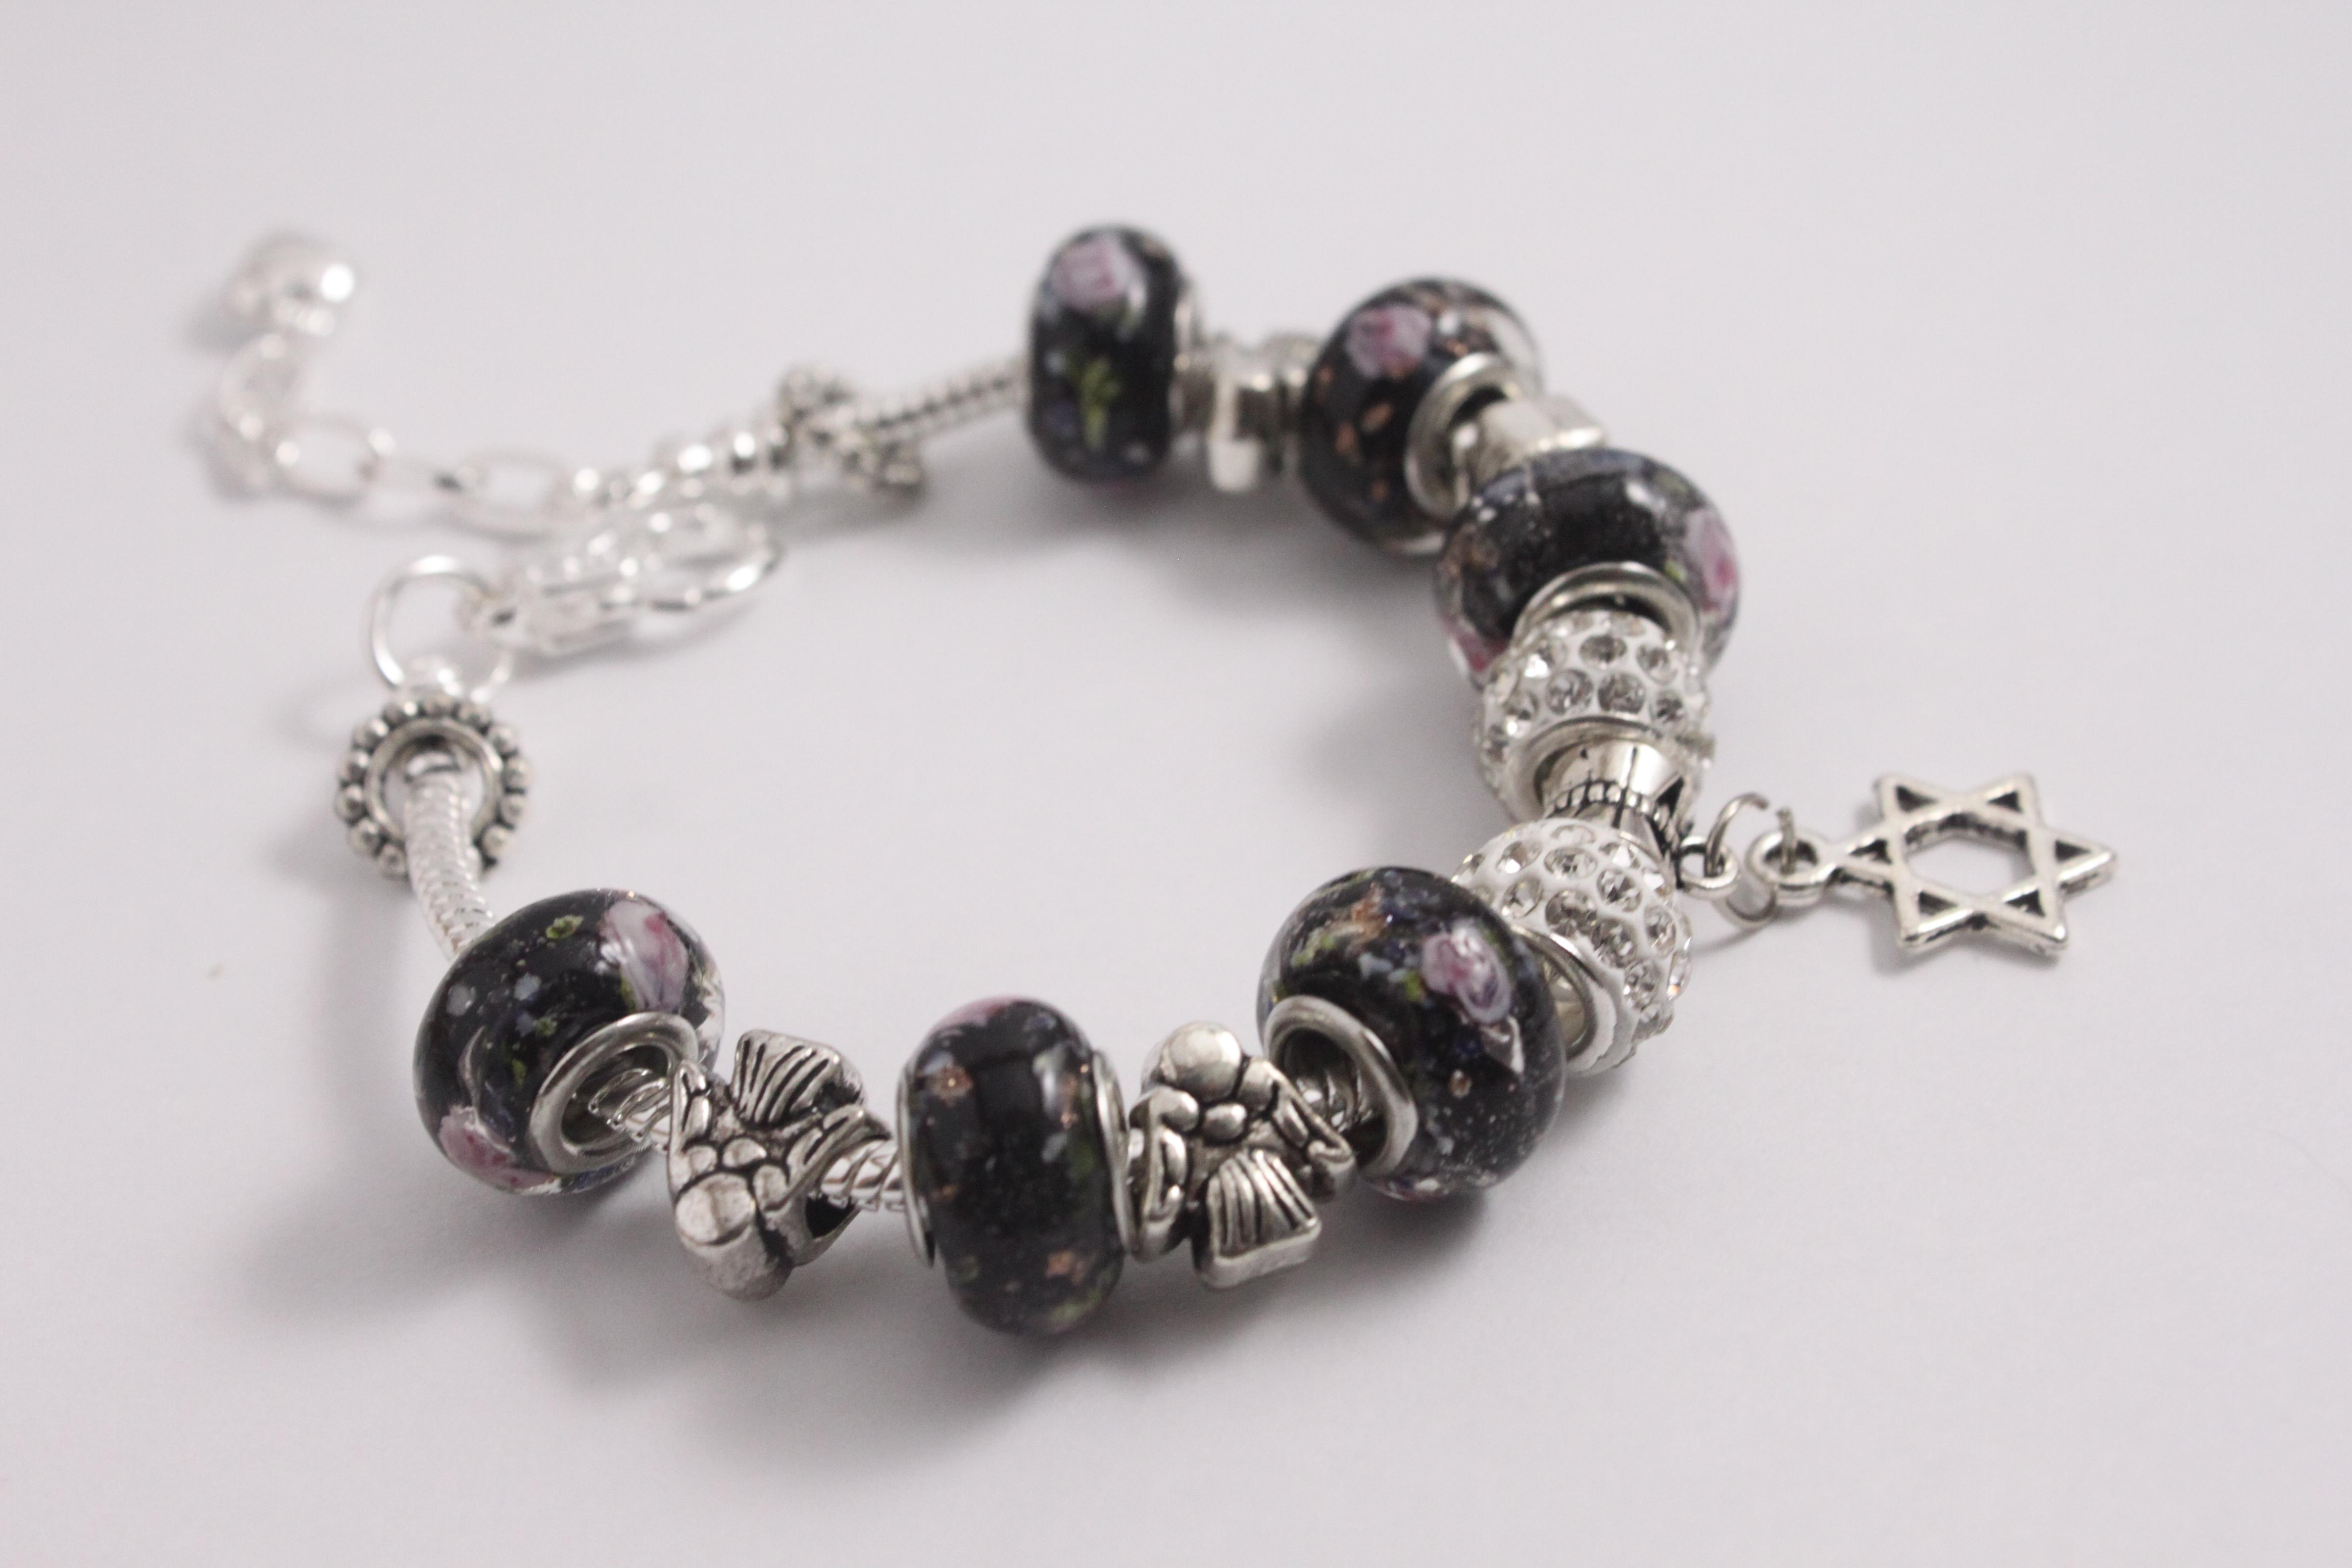 Star charm bracelet - various black